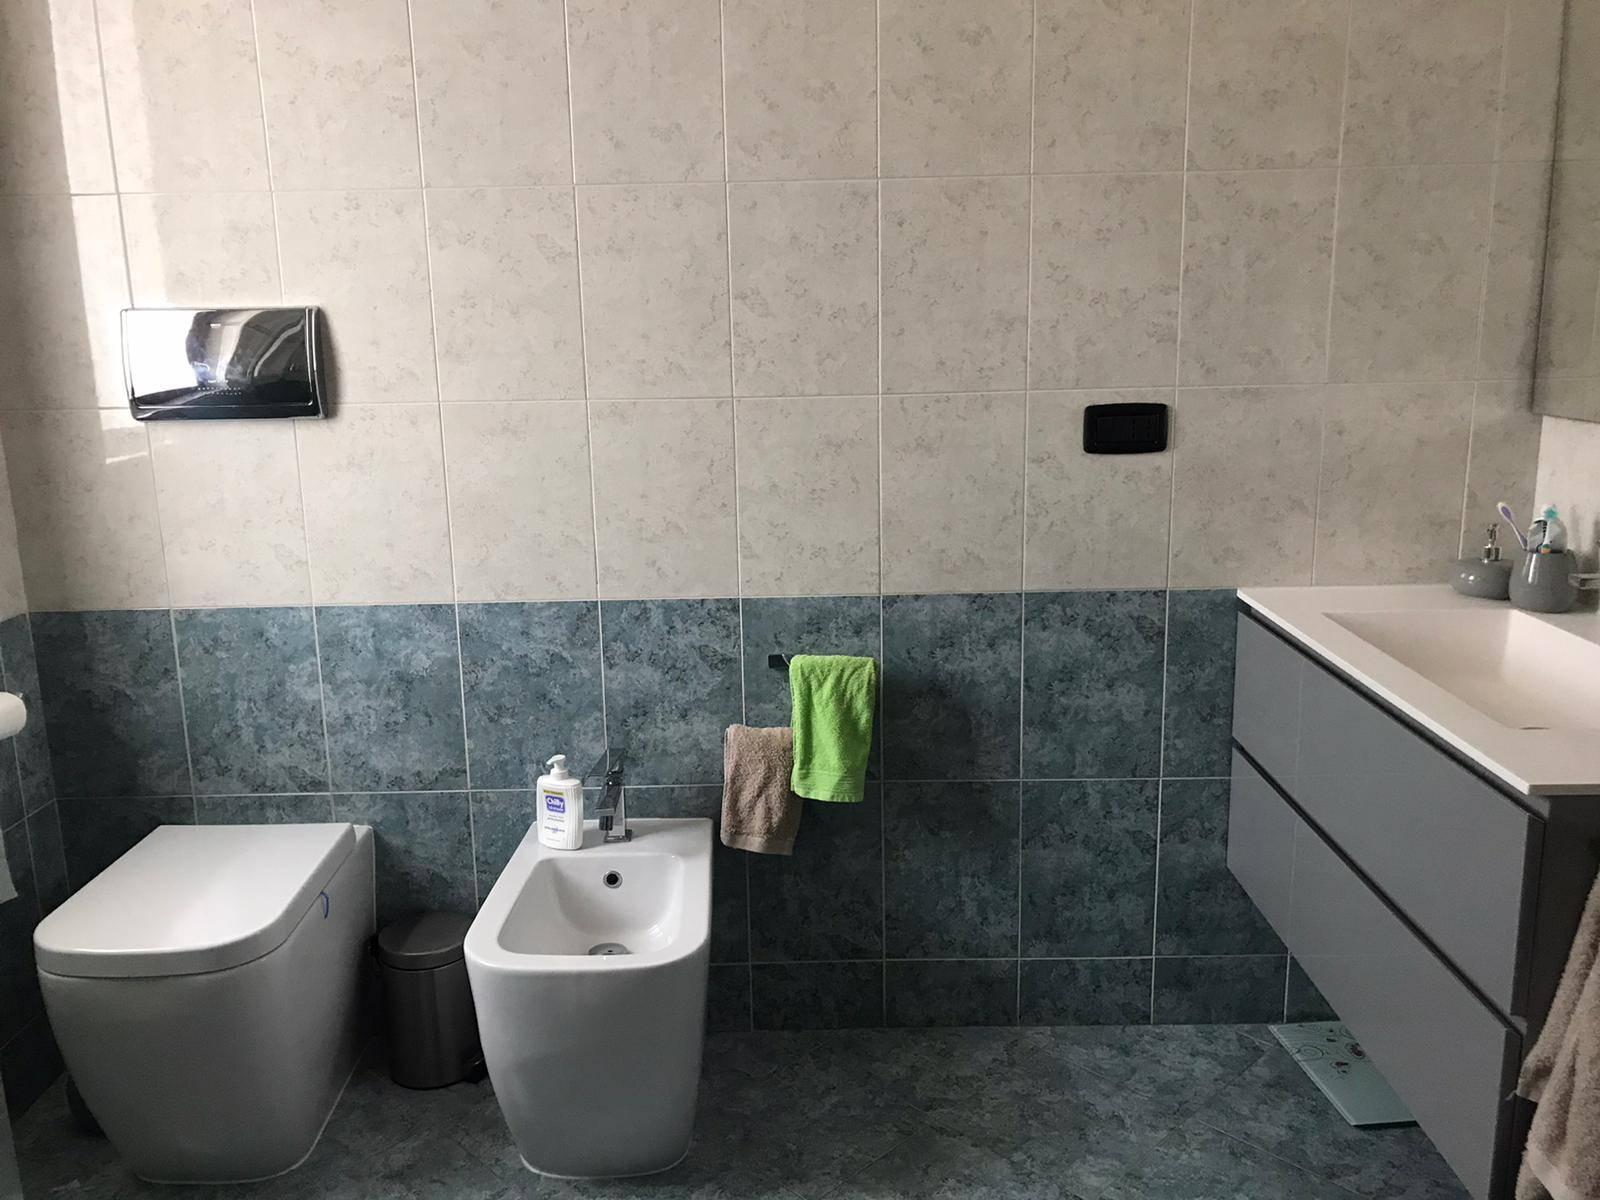 appartamento-in-vendita-3-locali-san-senone-al-lambro-trilocale-spaziourbano-immobiliare-vende-1